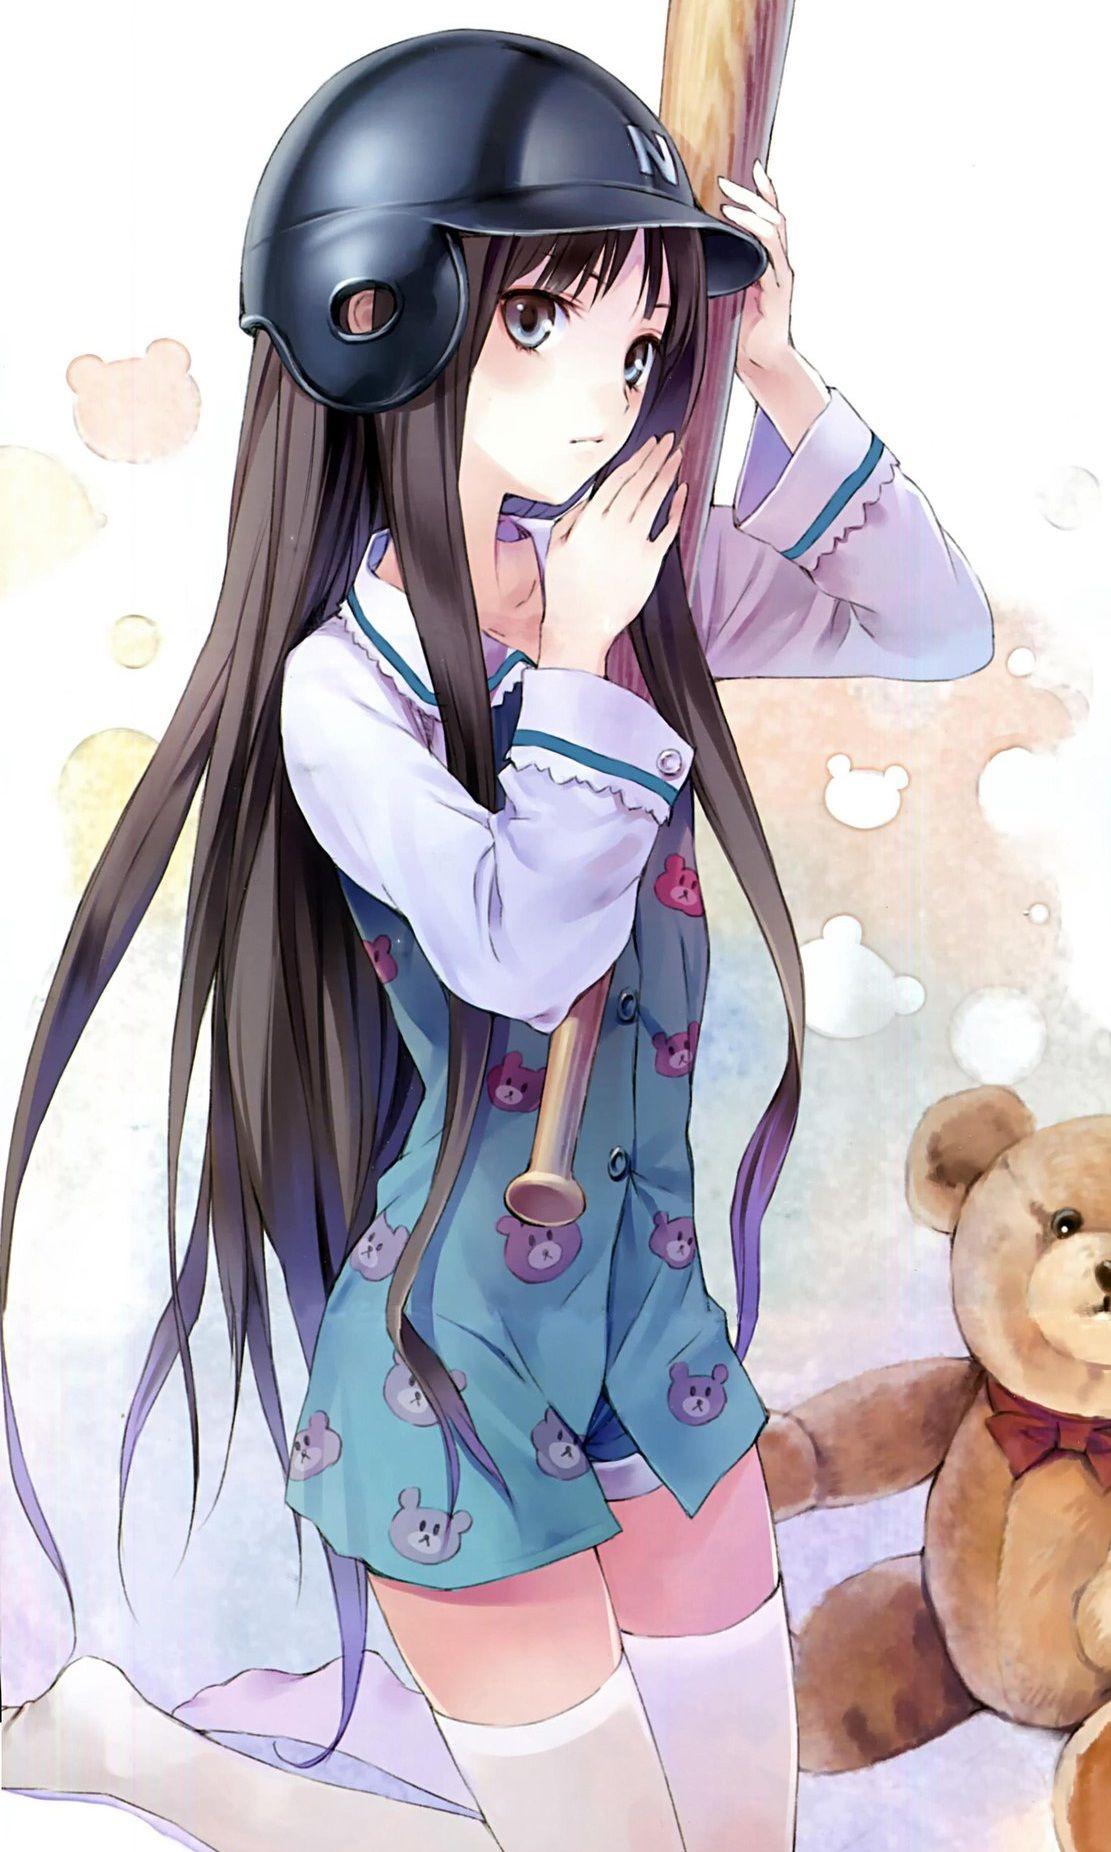 かわいいアニメの女の子 Anime の画像 投稿者 Radioactive Skull